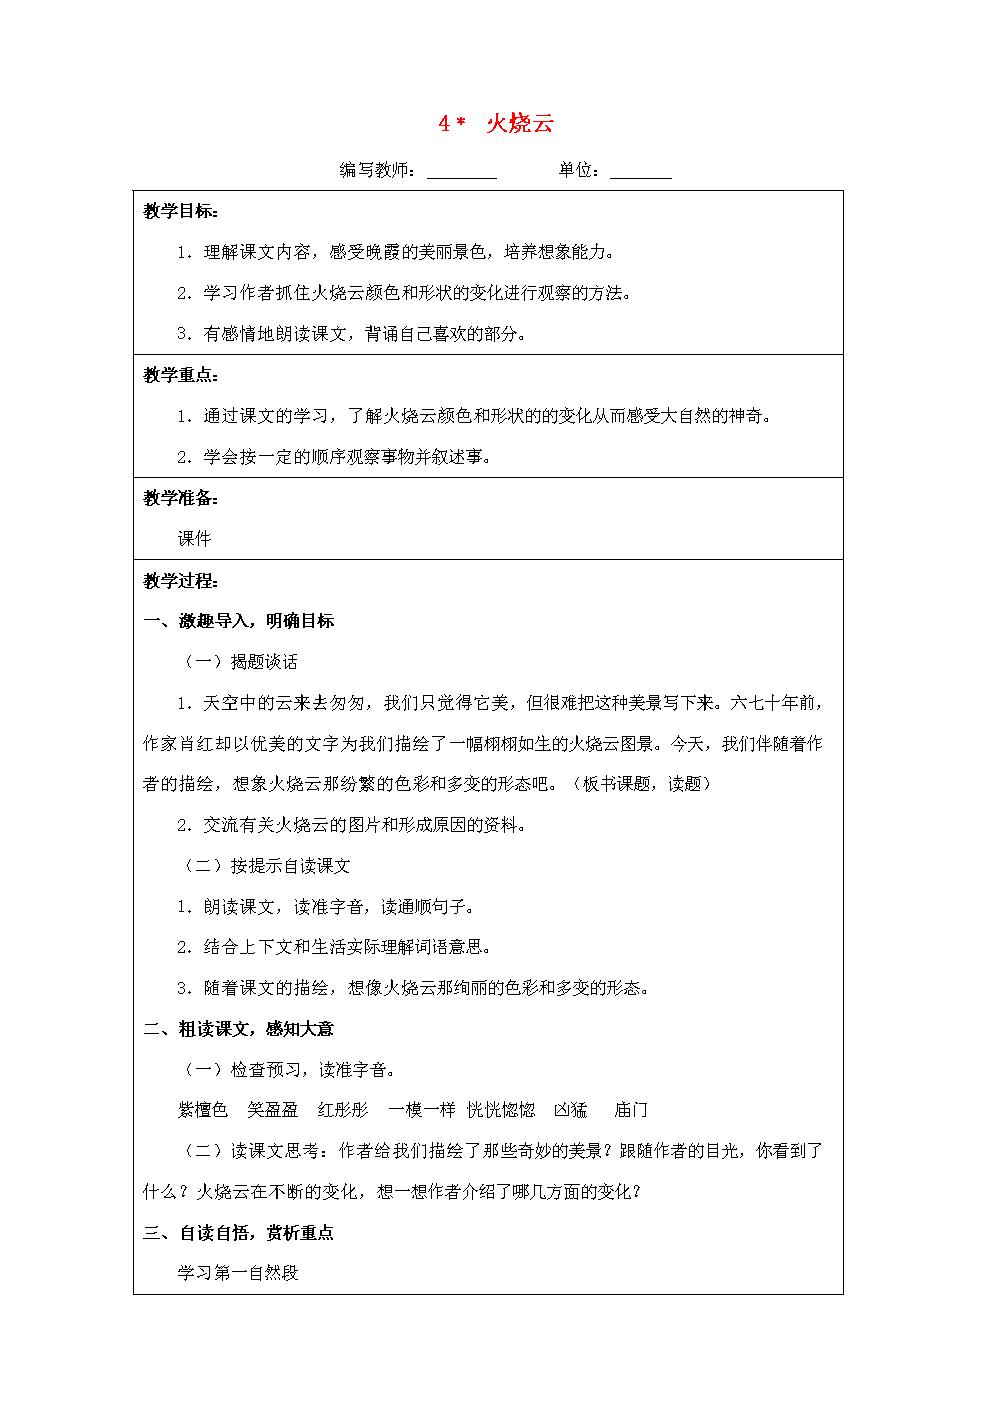 四年级语文上册4火烧云教案新人教版.docx图片